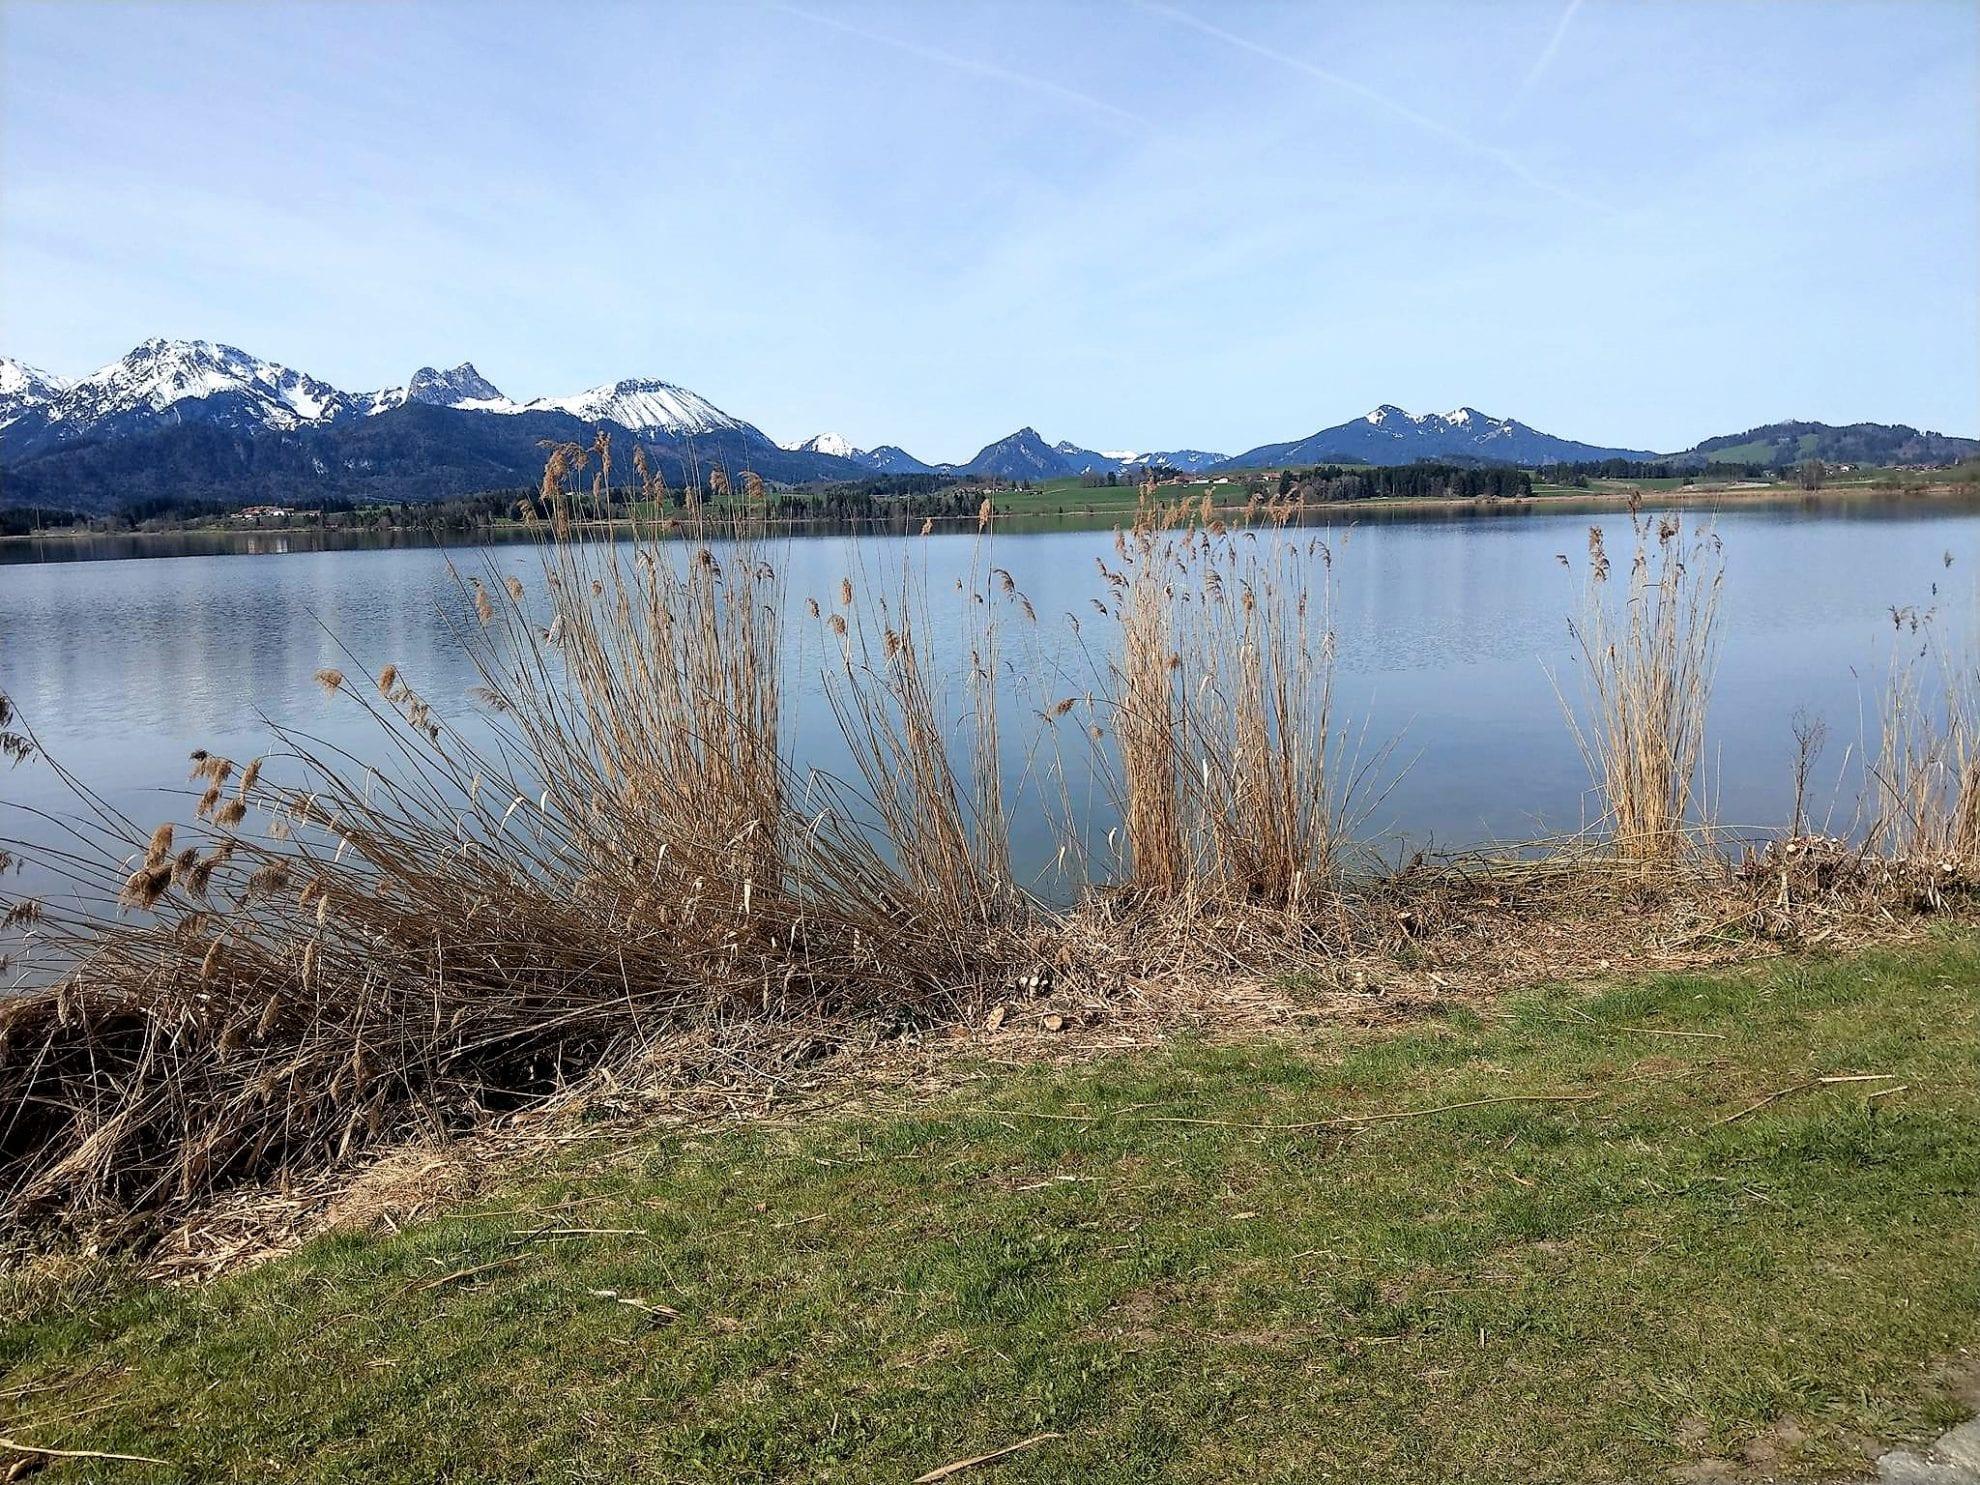 Der Blick auf die Berge vom Wanderweg um den Hopfensee im Allgäu aus.